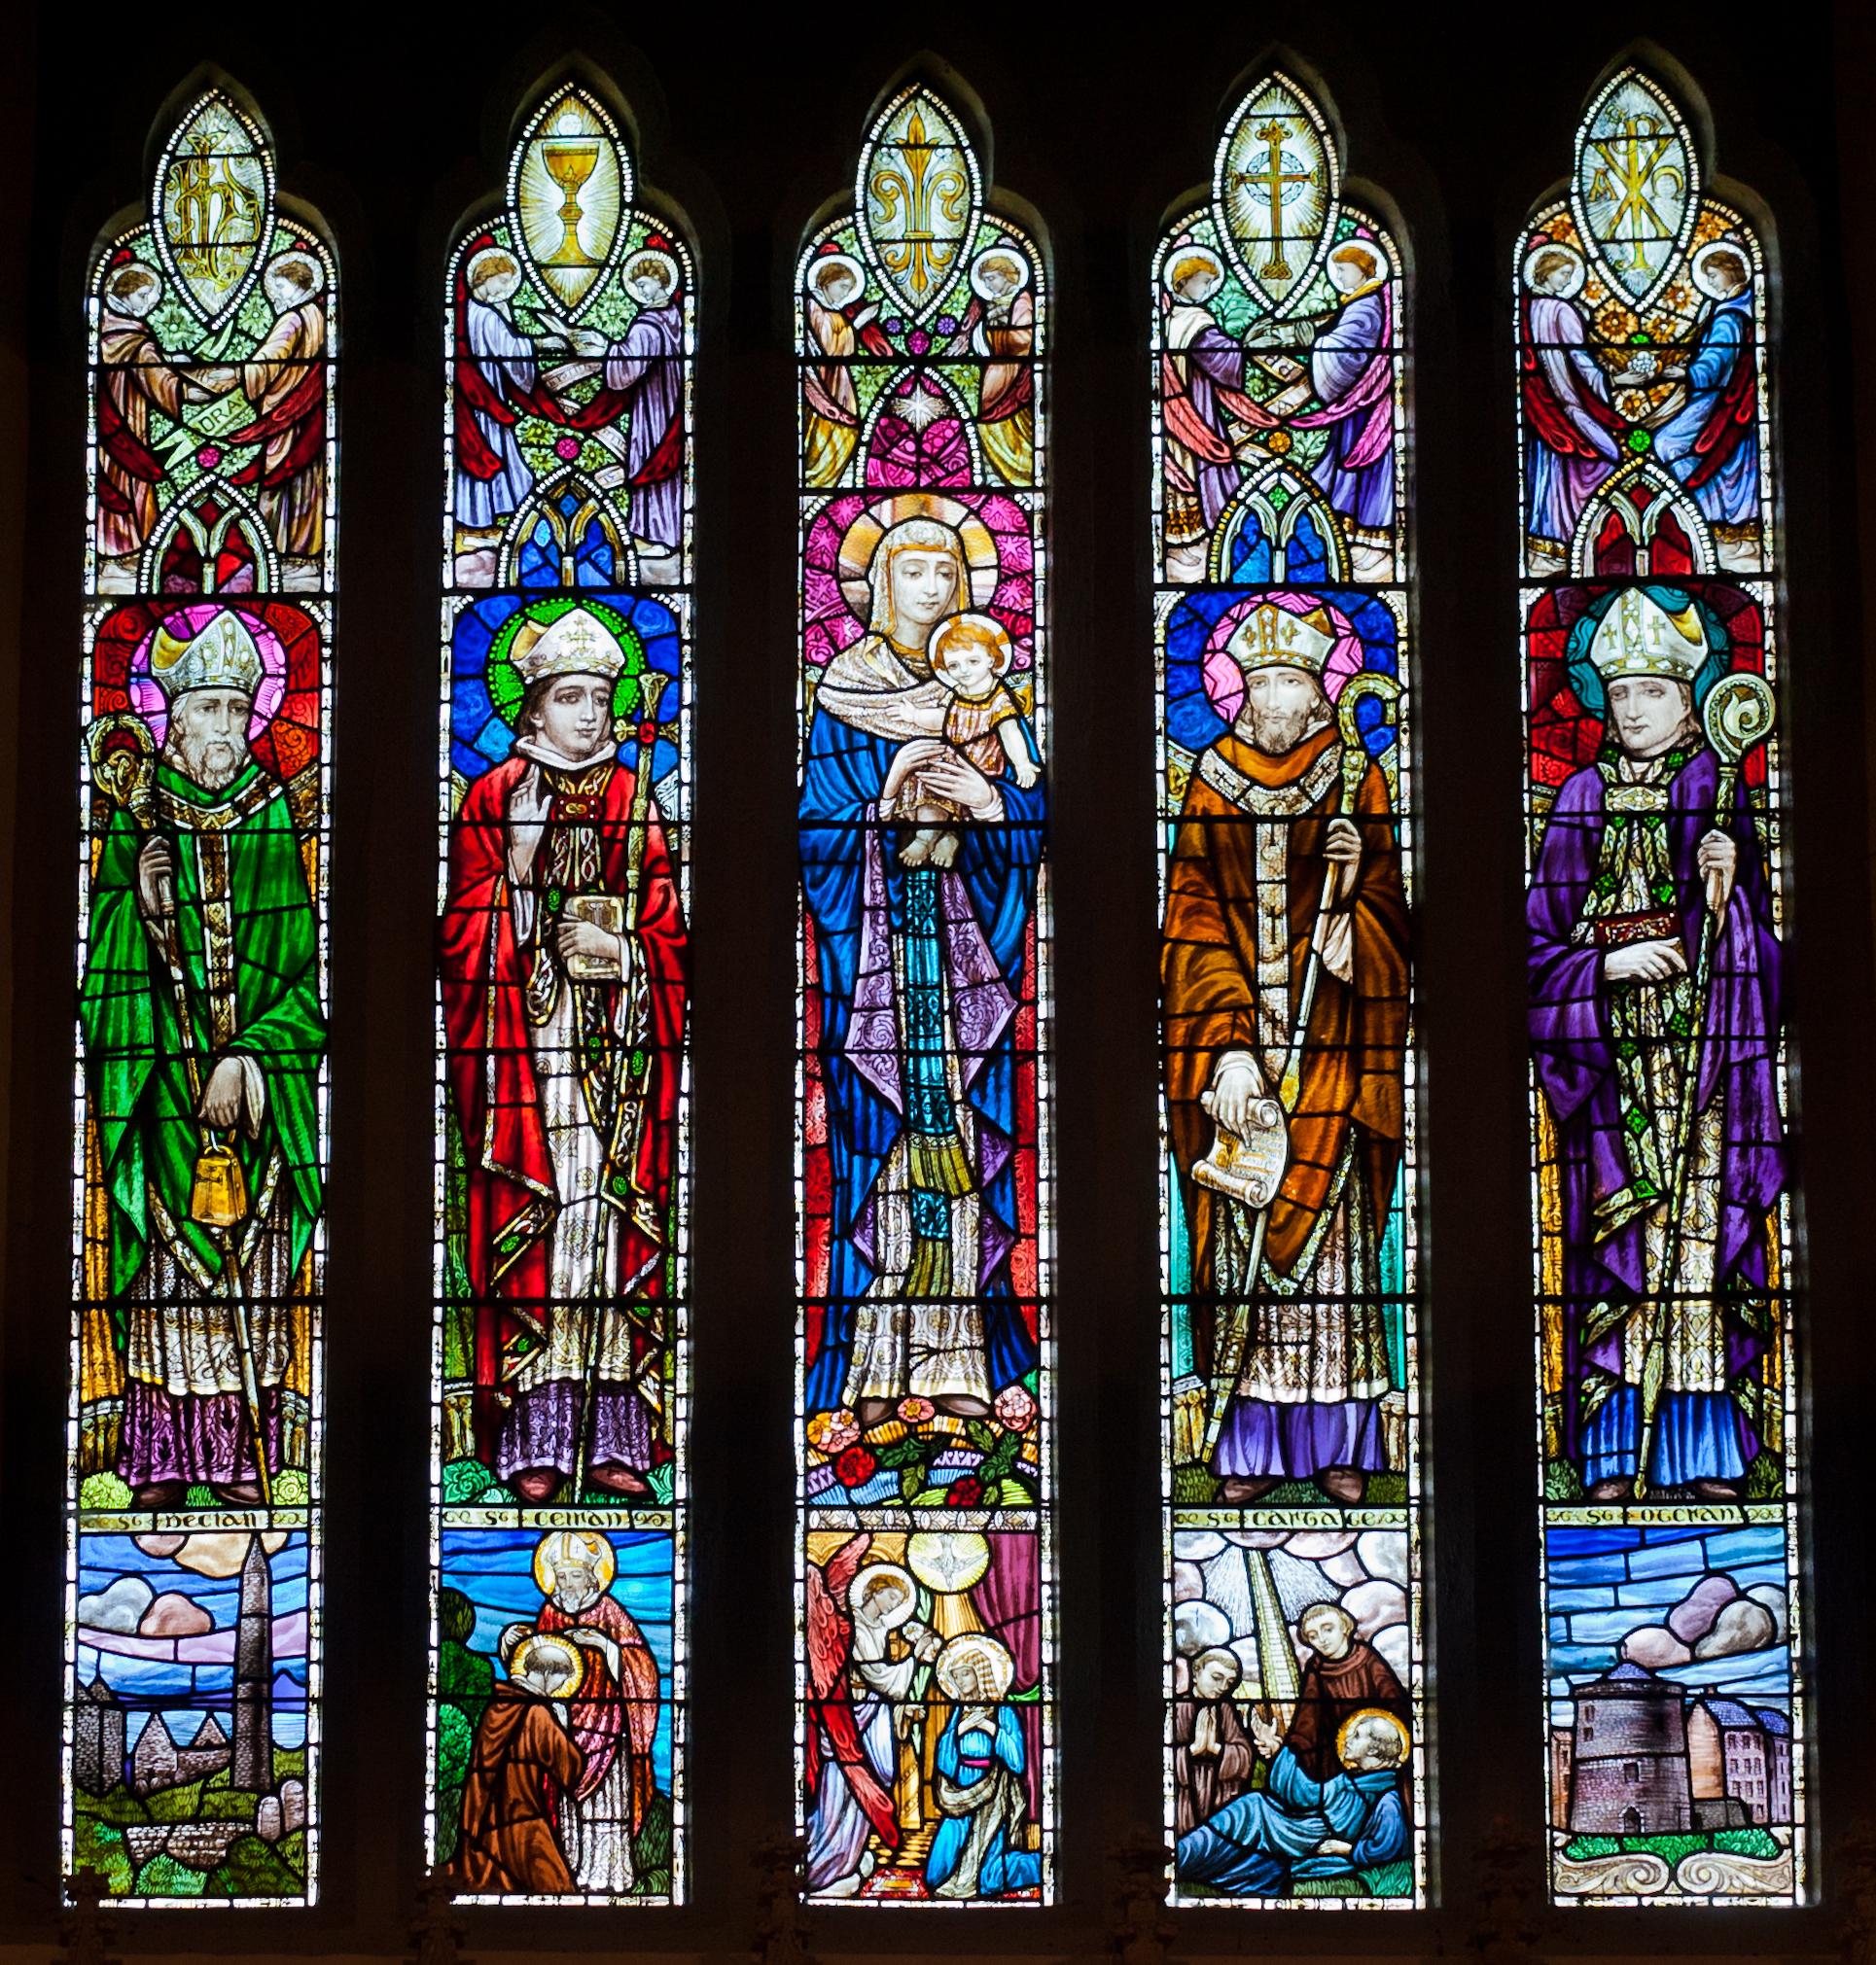 Glassmalerier bak alteret i kirken Our Lady and St Kieran i Ballylooby i grevskapet Tipperary, som avbilder fire lokale helgener sammen med Madonna og barnet. F.v. Declan av Ardmore, Kieran av Tubbrid (kirkens navnepatron), Maria med barnet, Carthagus av Lismore og Odran Maighistir